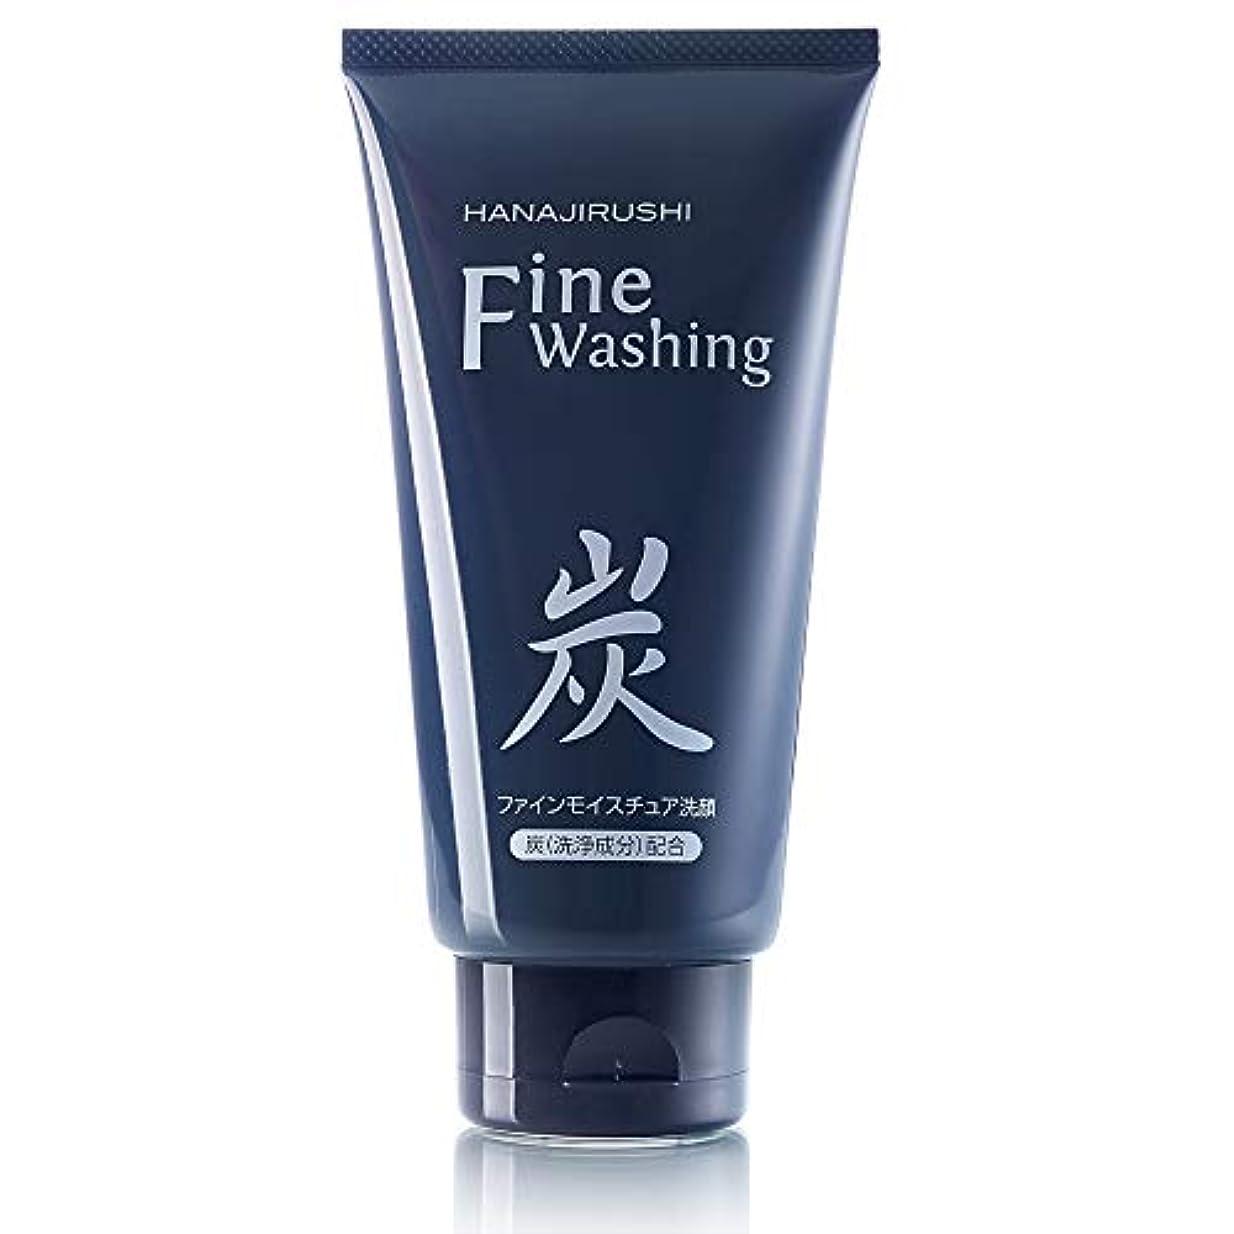 ラインナップポケット腐食する花印備長炭洗顔フォーム120g「皮脂汚れ対策」オイルコントロール 男女兼用